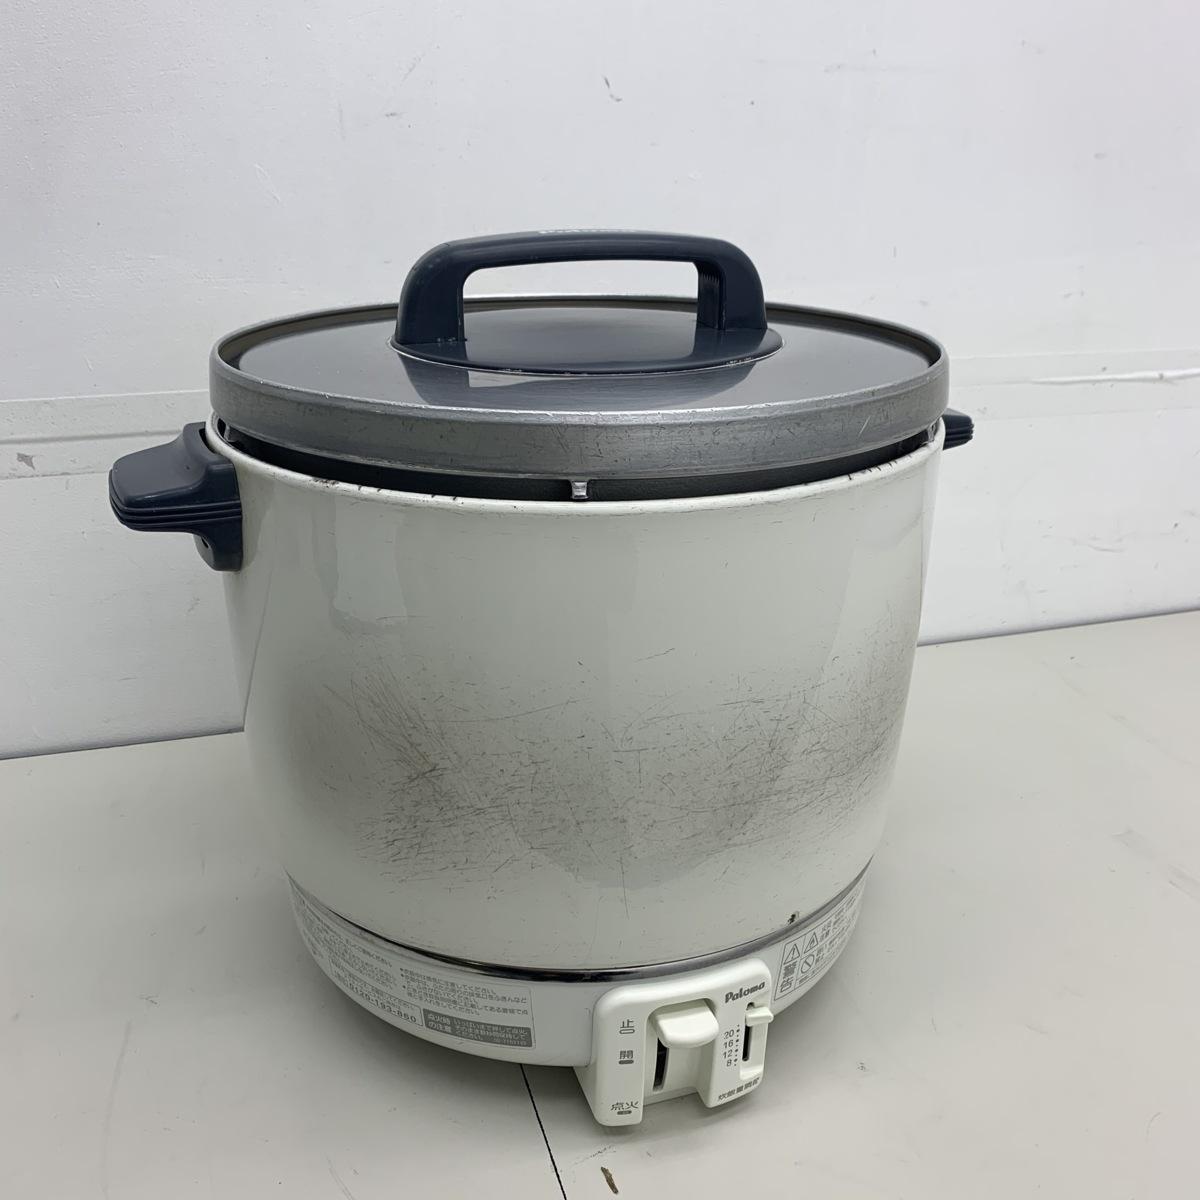 【都市ガス】 Paloma/パロマ 『業務用ガス炊飯器 PR-403SF』 2.0升炊き_画像1